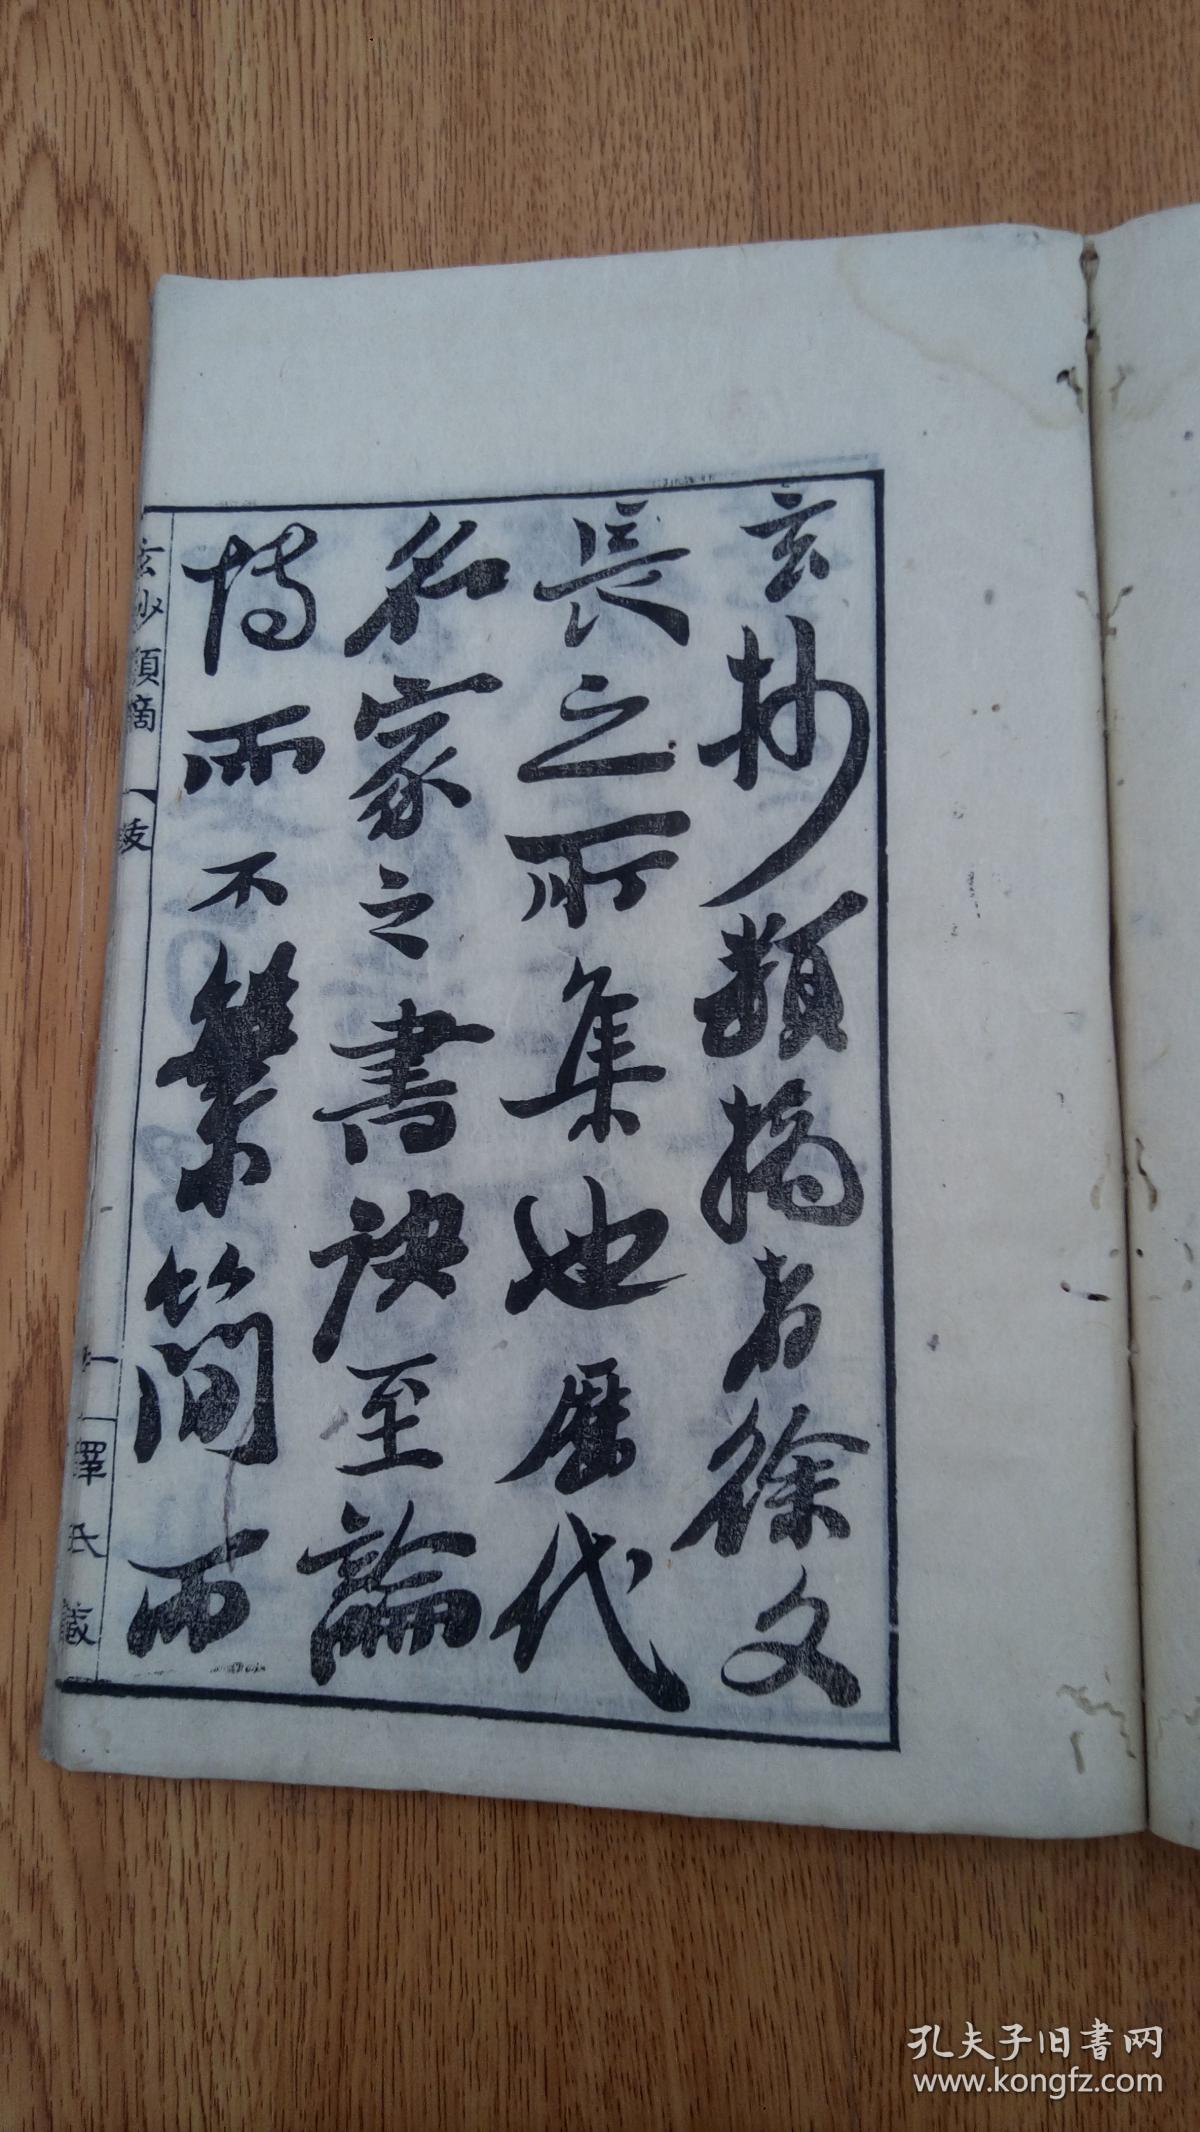 明代著名书画家徐渭的书法论著《玄抄类摘》存五卷四册,惜缺首册,日本图片